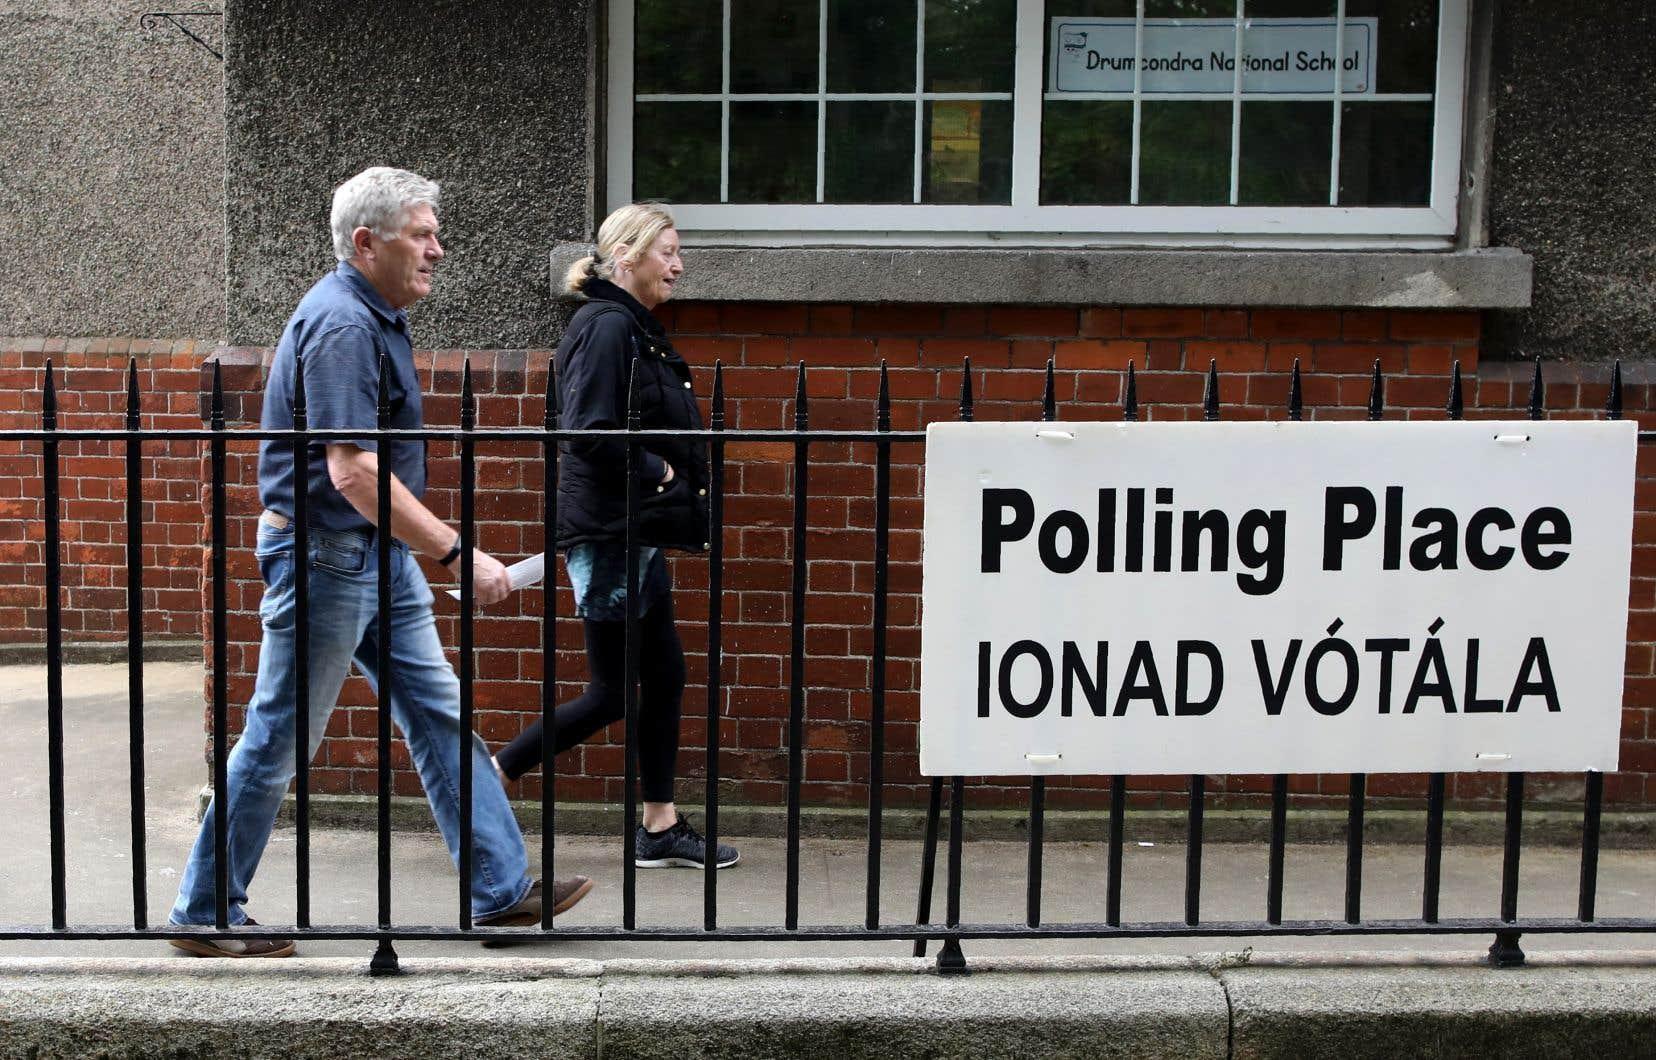 Le référendum avait lieu vendredi, en même temps que les élections européennes.